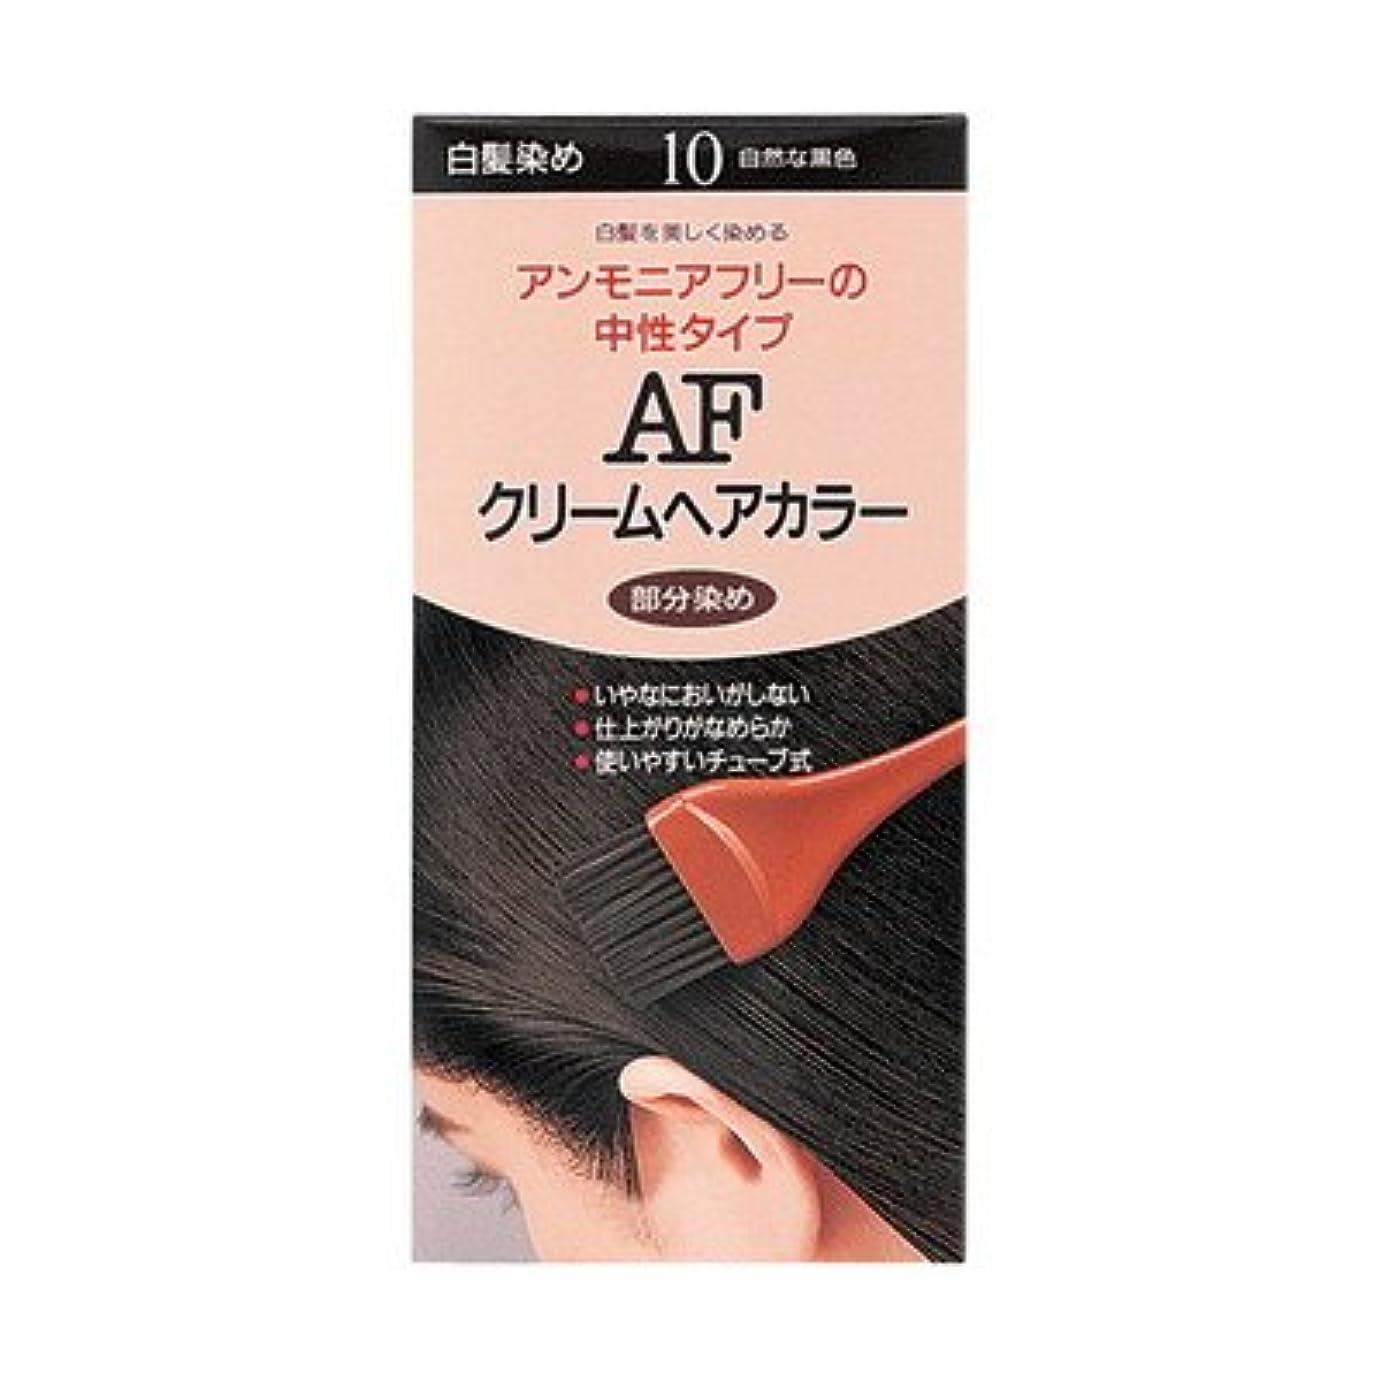 メロン忌避剤桃資生堂 ヘアカラー AFクリームヘアカラー 10 自然な黒色【2個セット】